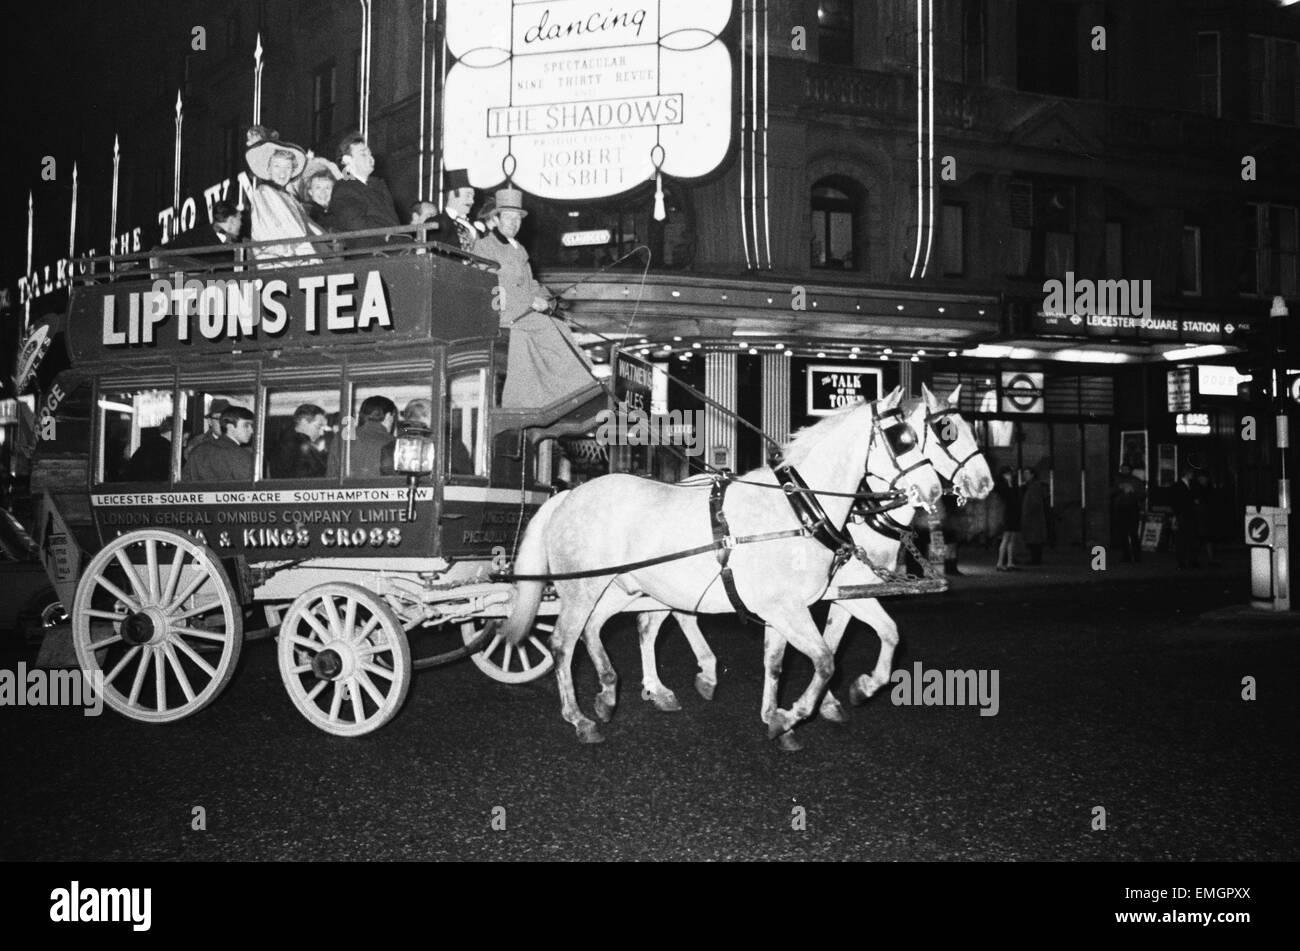 Eines Der Alten London General Omnibus Company Zwei Pferdestärken